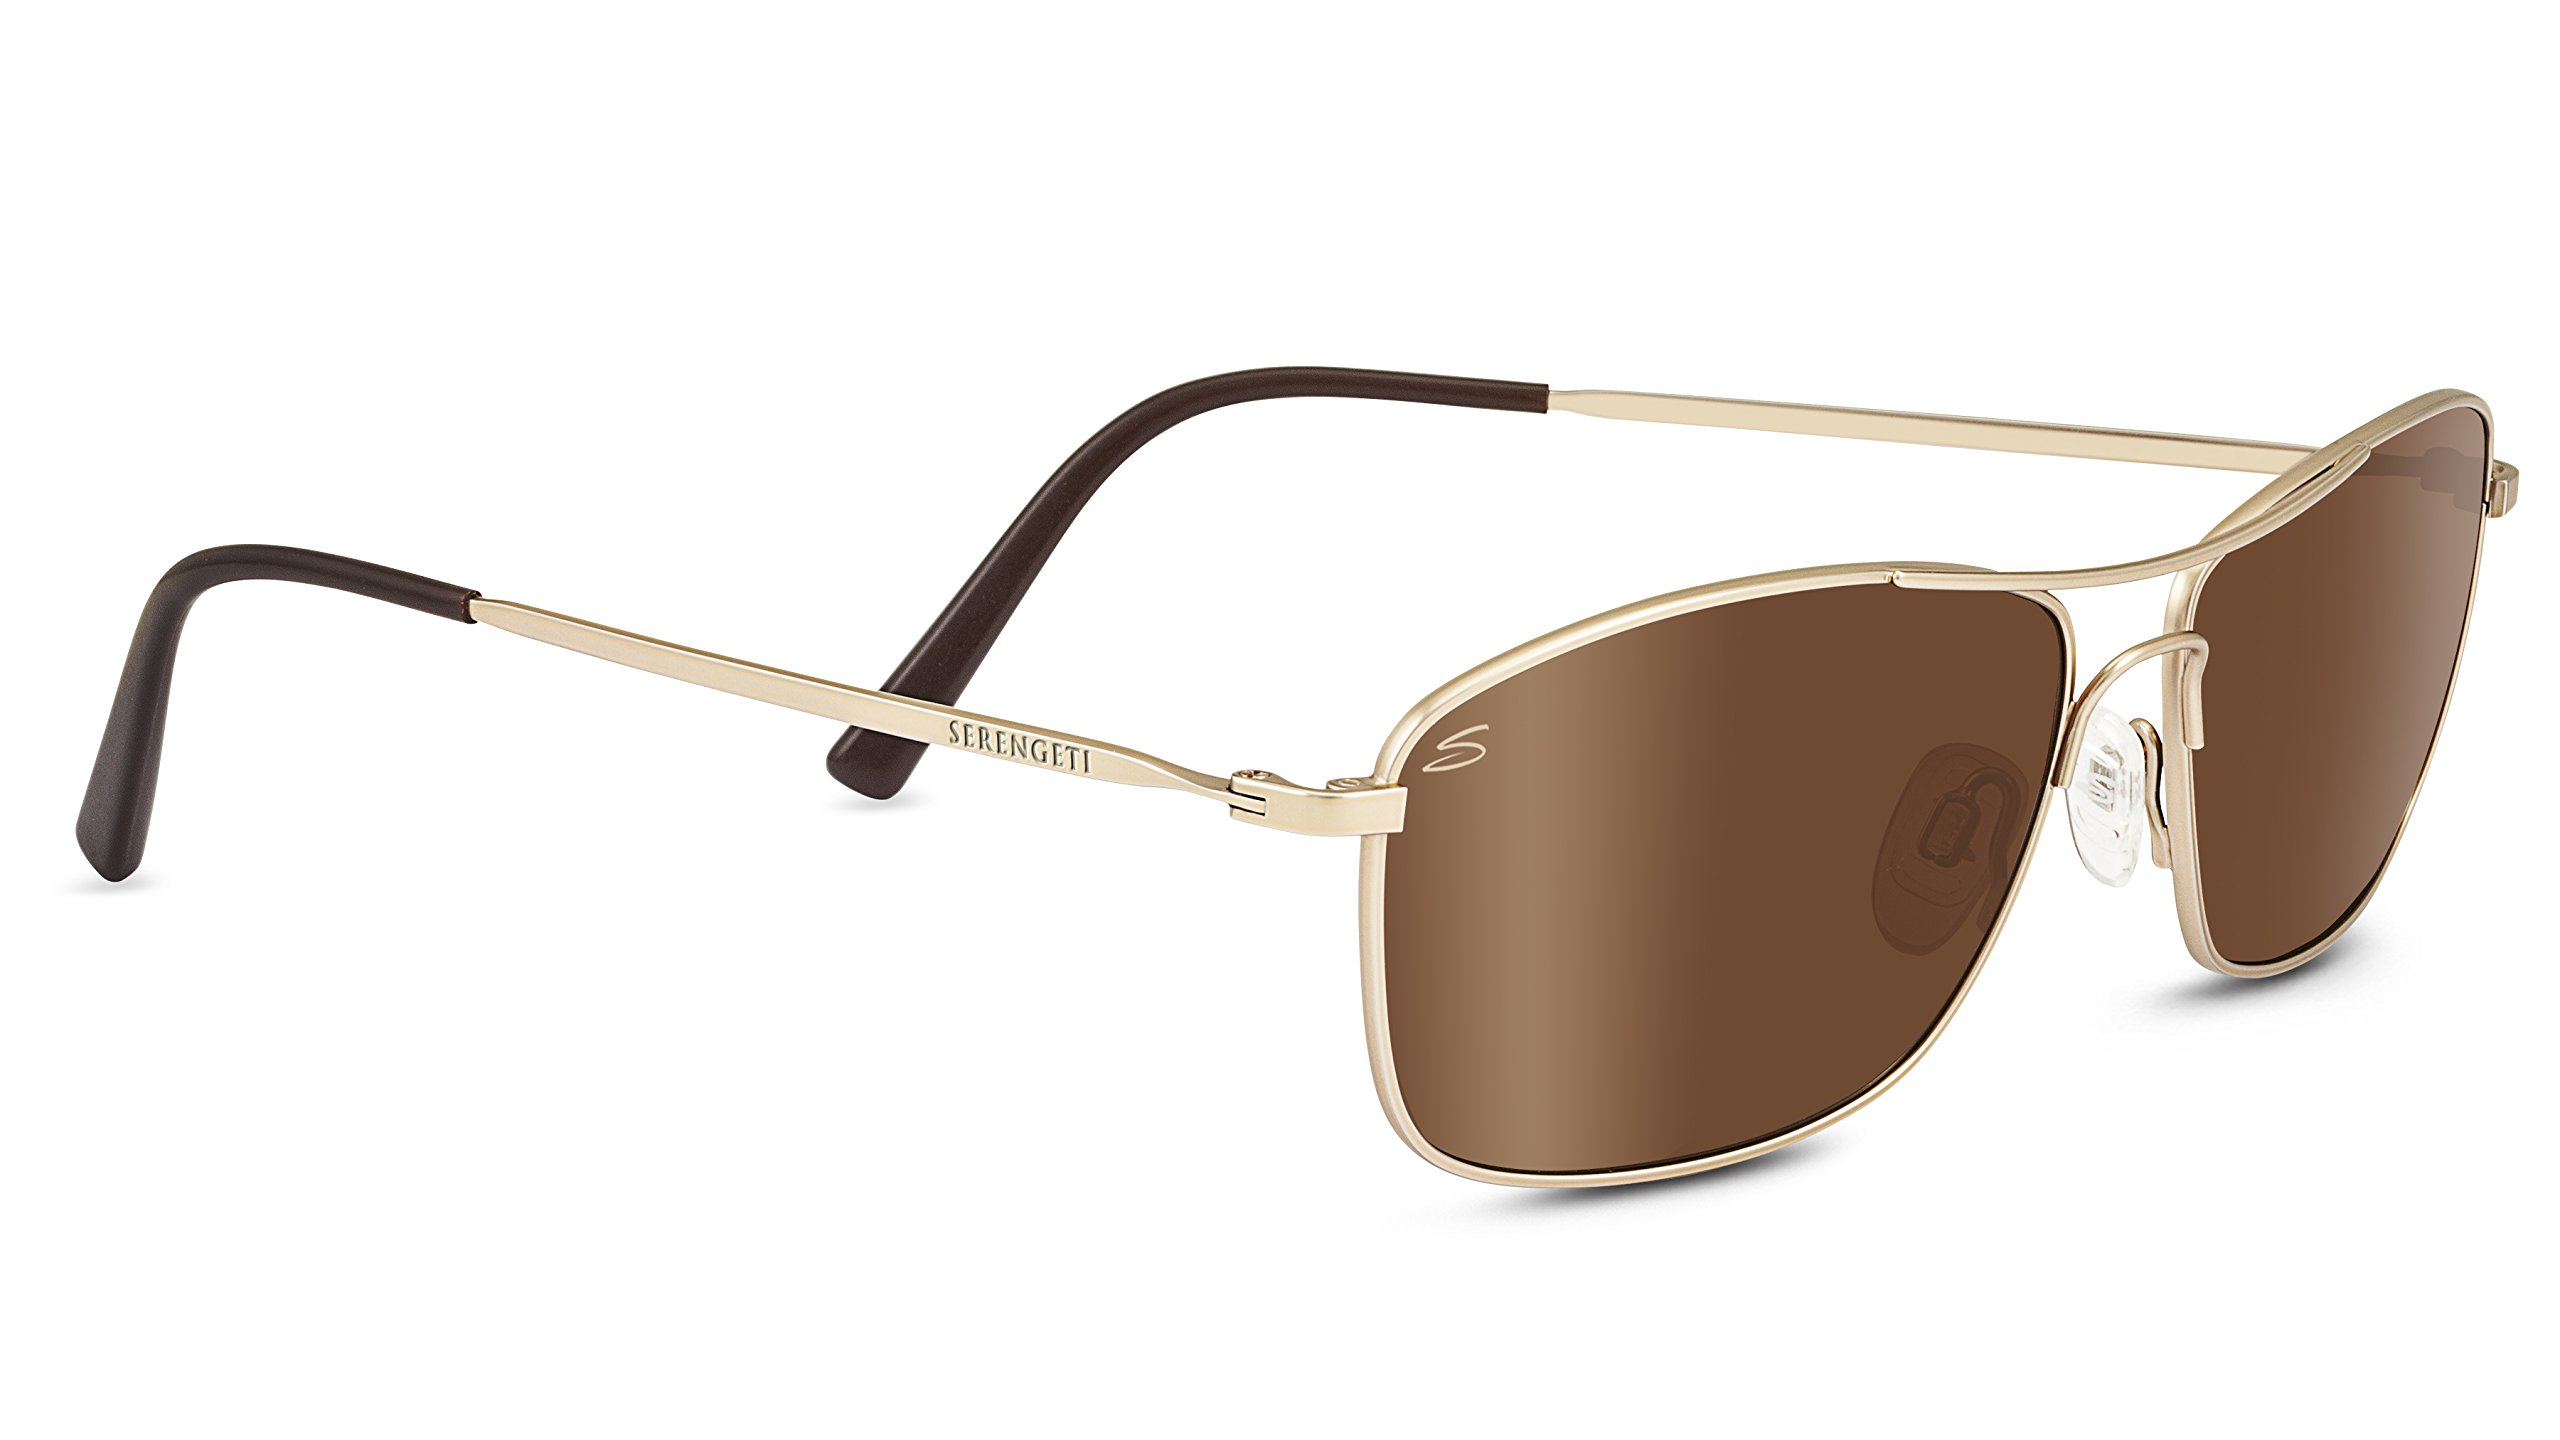 Serengeti 8420-Corleone Corleone Glasses, Satin Soft Gold